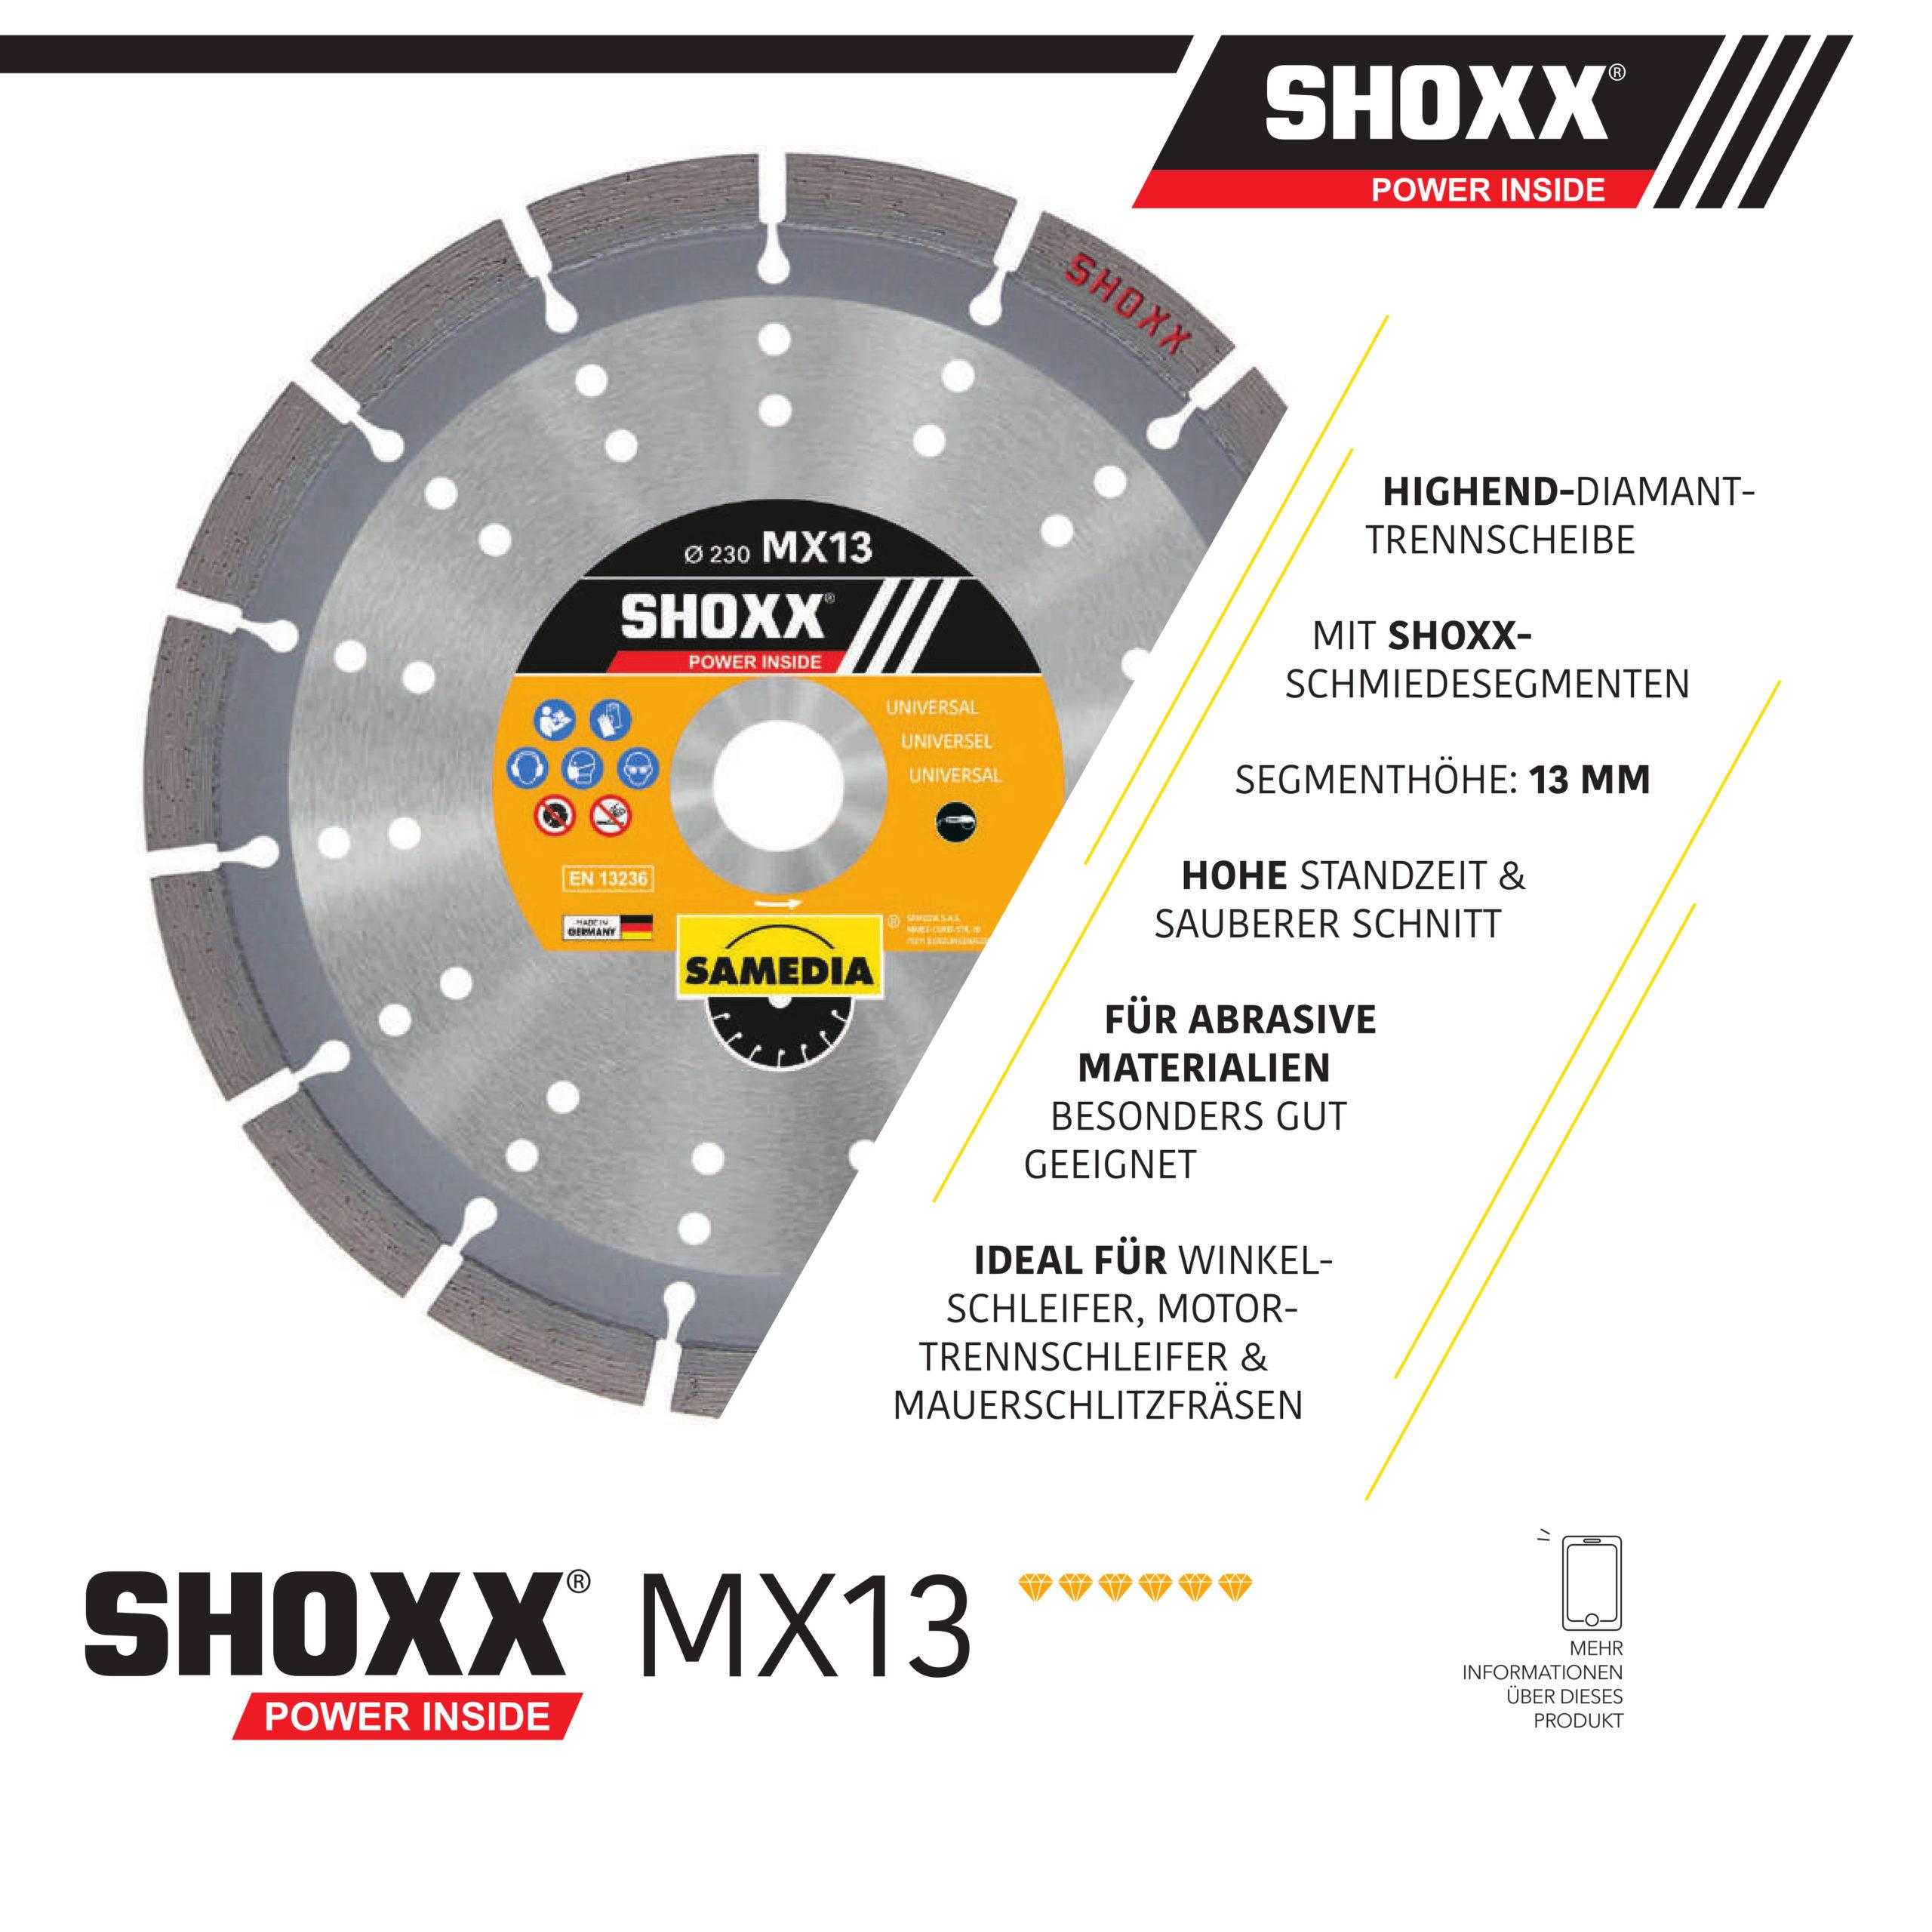 Samedia Diamanttrennscheibe SHOXX MX13 die universelle Scheibe für alle handgeführten Maschinen am Bau - Nass- und Trockenschnitt!